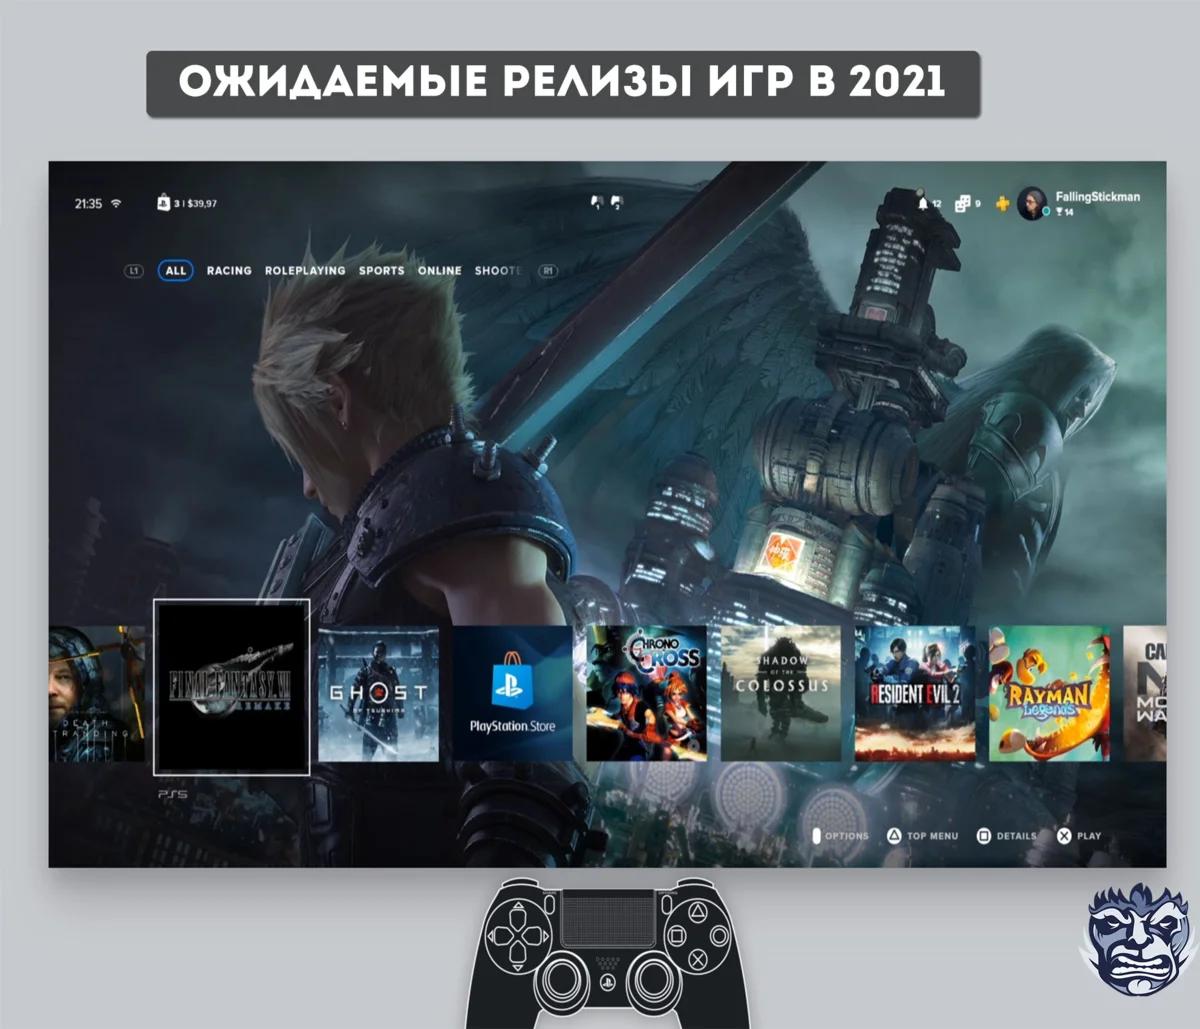 Ожидаемые релизы игр в 2021 году